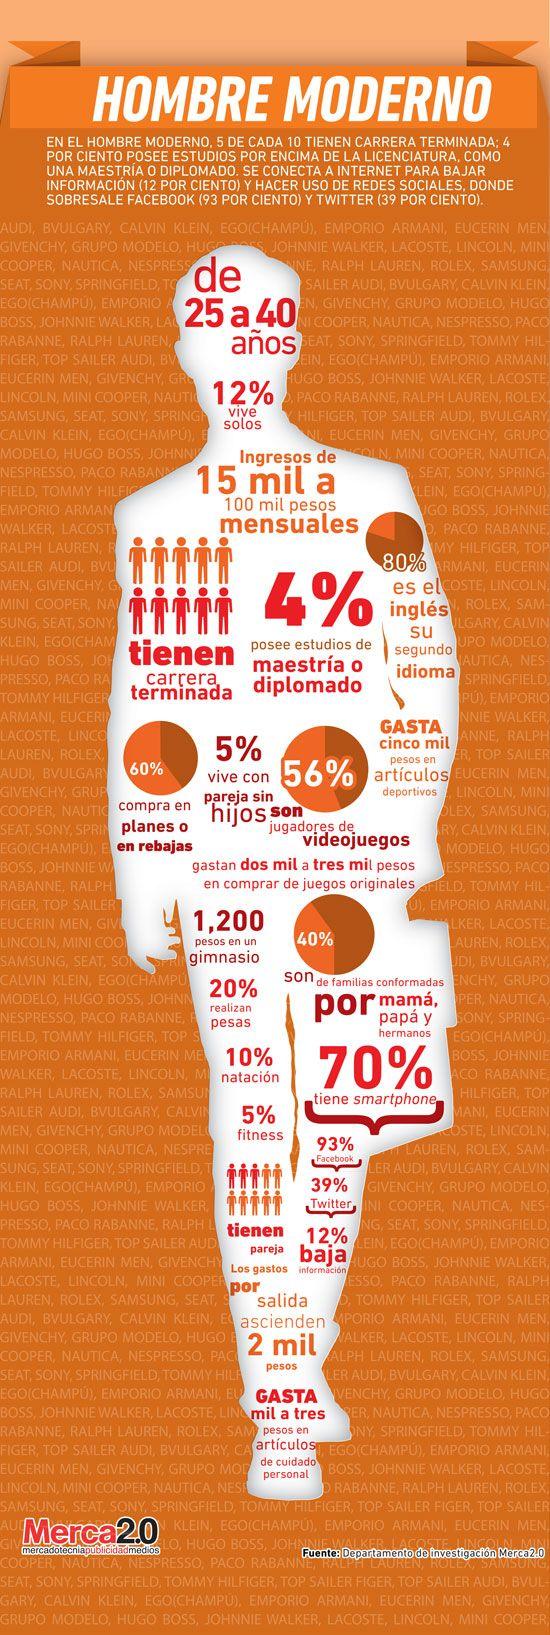 Infografía: Arquetipos en México – Hombre Moderno